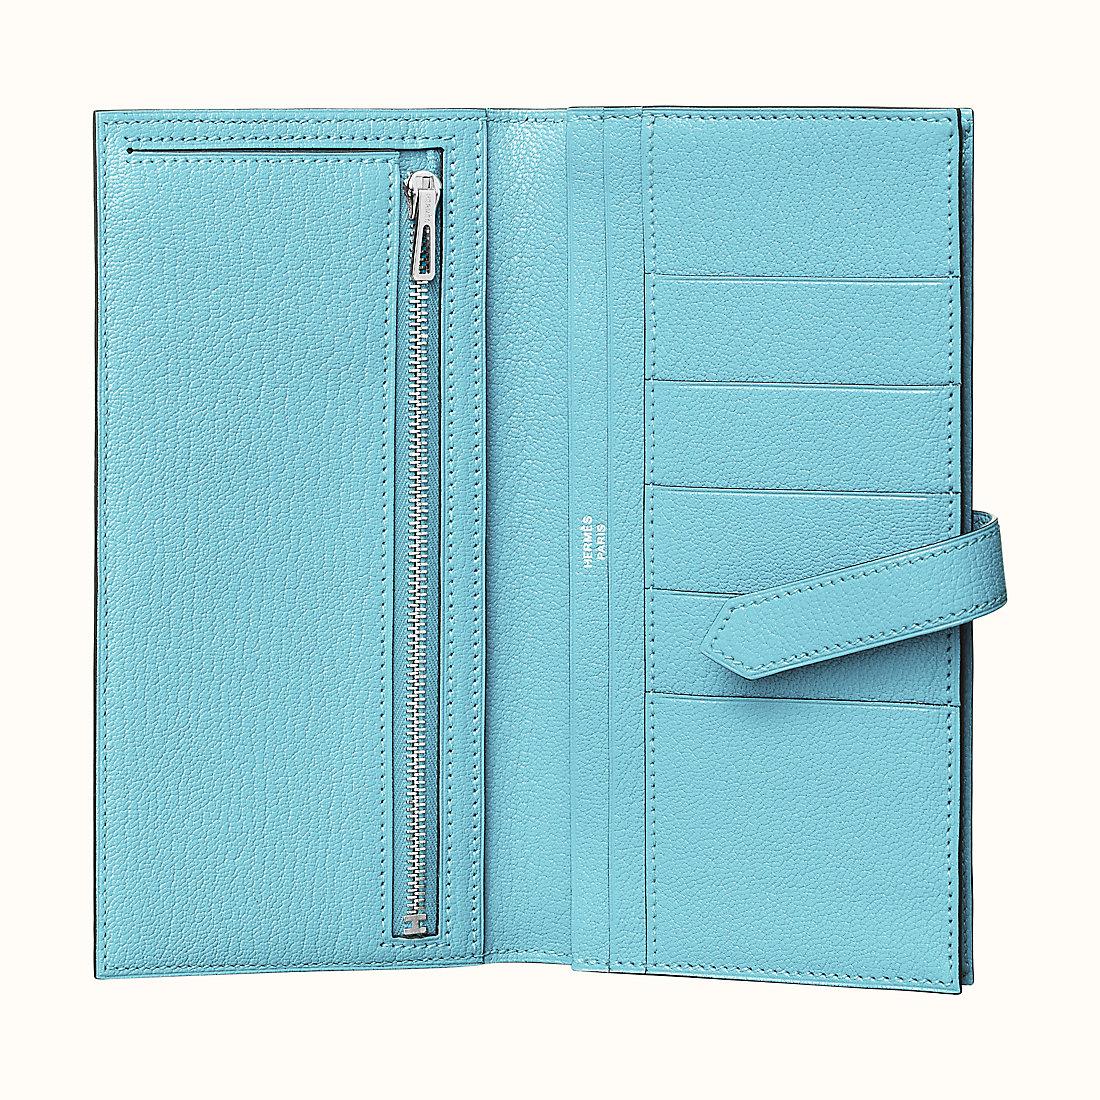 愛馬仕錢包 工匠號 刻印 Hermes Bearn wallet CKU2 Bleu Zéphyr 微風藍 山羊皮